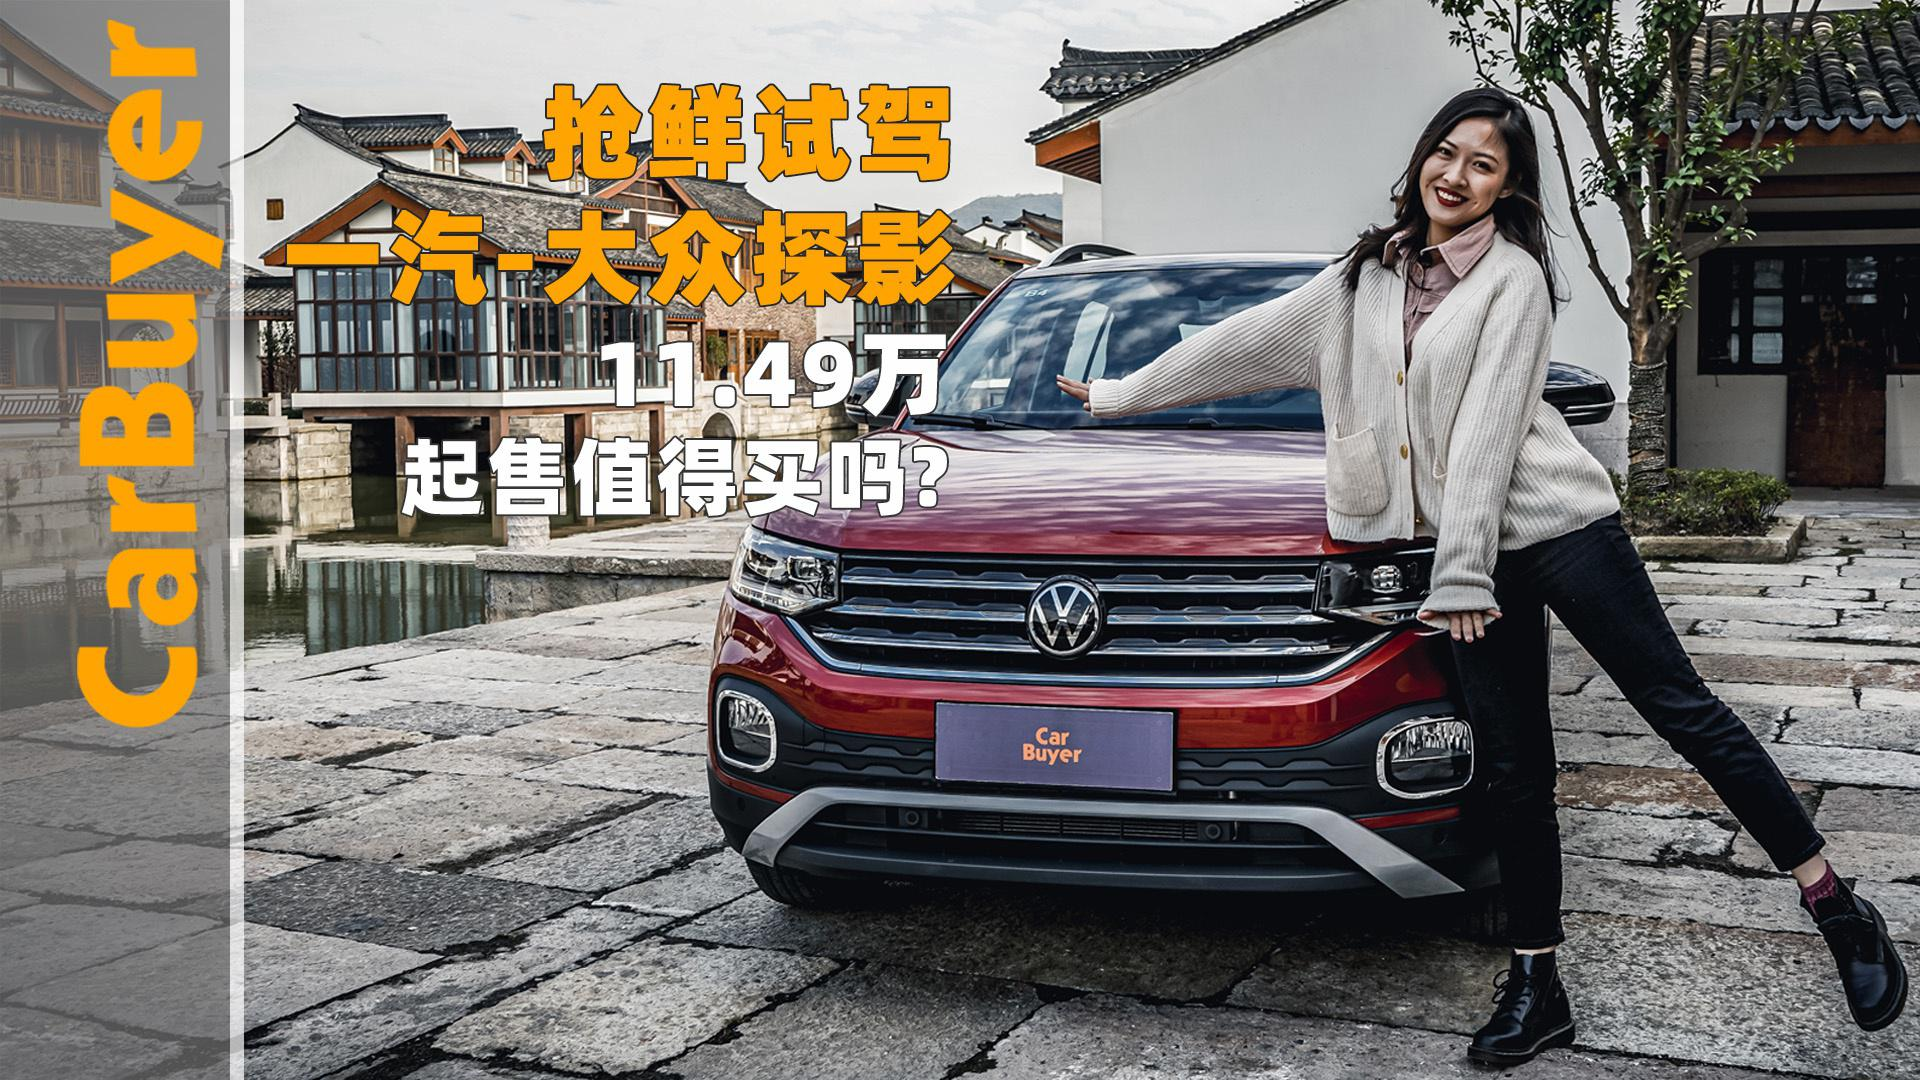 抢鲜试驾一汽-大众探影,11.49万起售值得买吗?